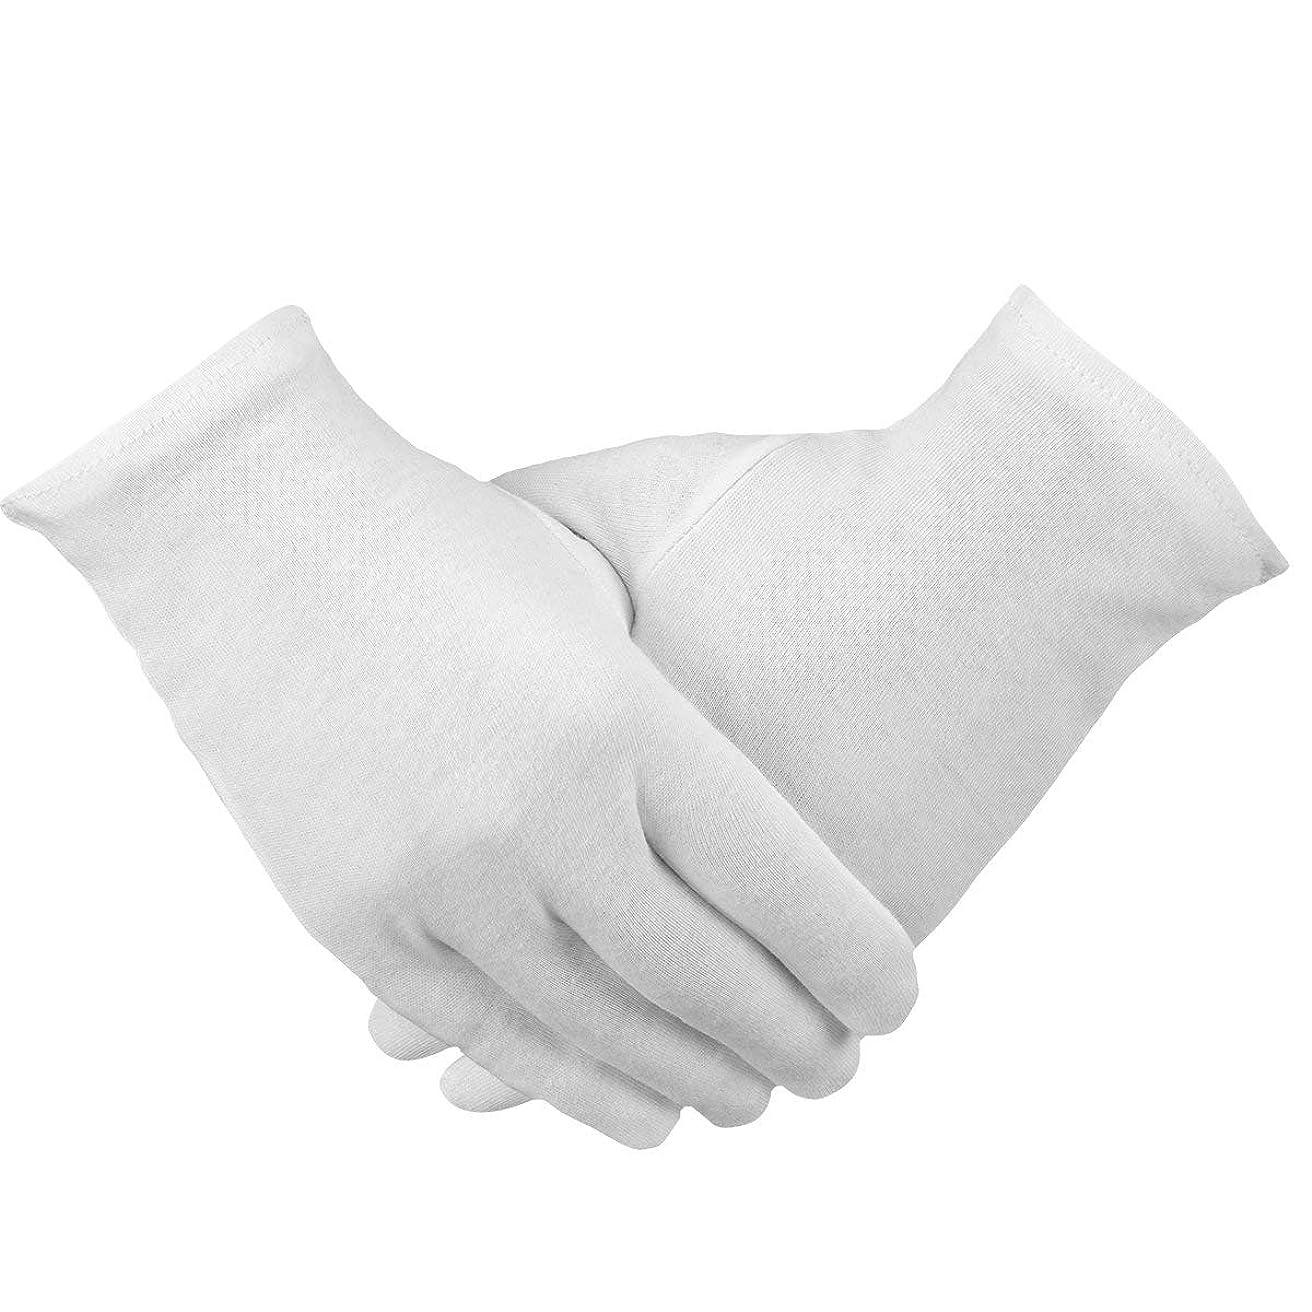 ご覧ください原始的な統治可能PAMASE 12ペア 手荒れ対策 コットン手袋 綿手袋 純綿 ハンドケア 白手袋 お休み 乾燥肌用 保湿用 家事用 礼装用 メンズ レディース 手袋